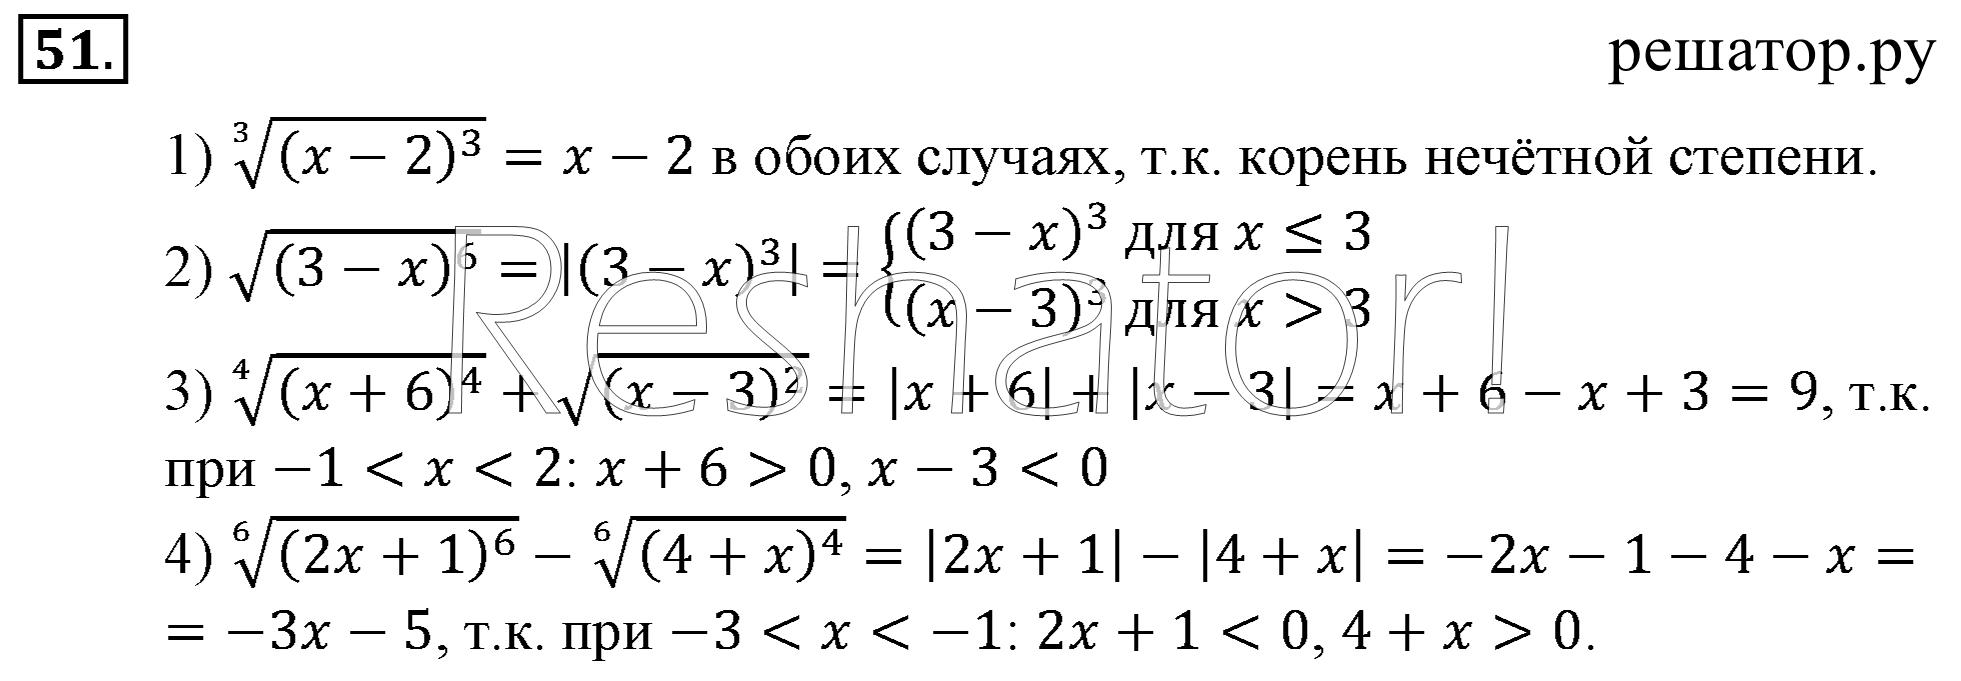 Алимов решебник по алгебре 10-11 класс скачать.